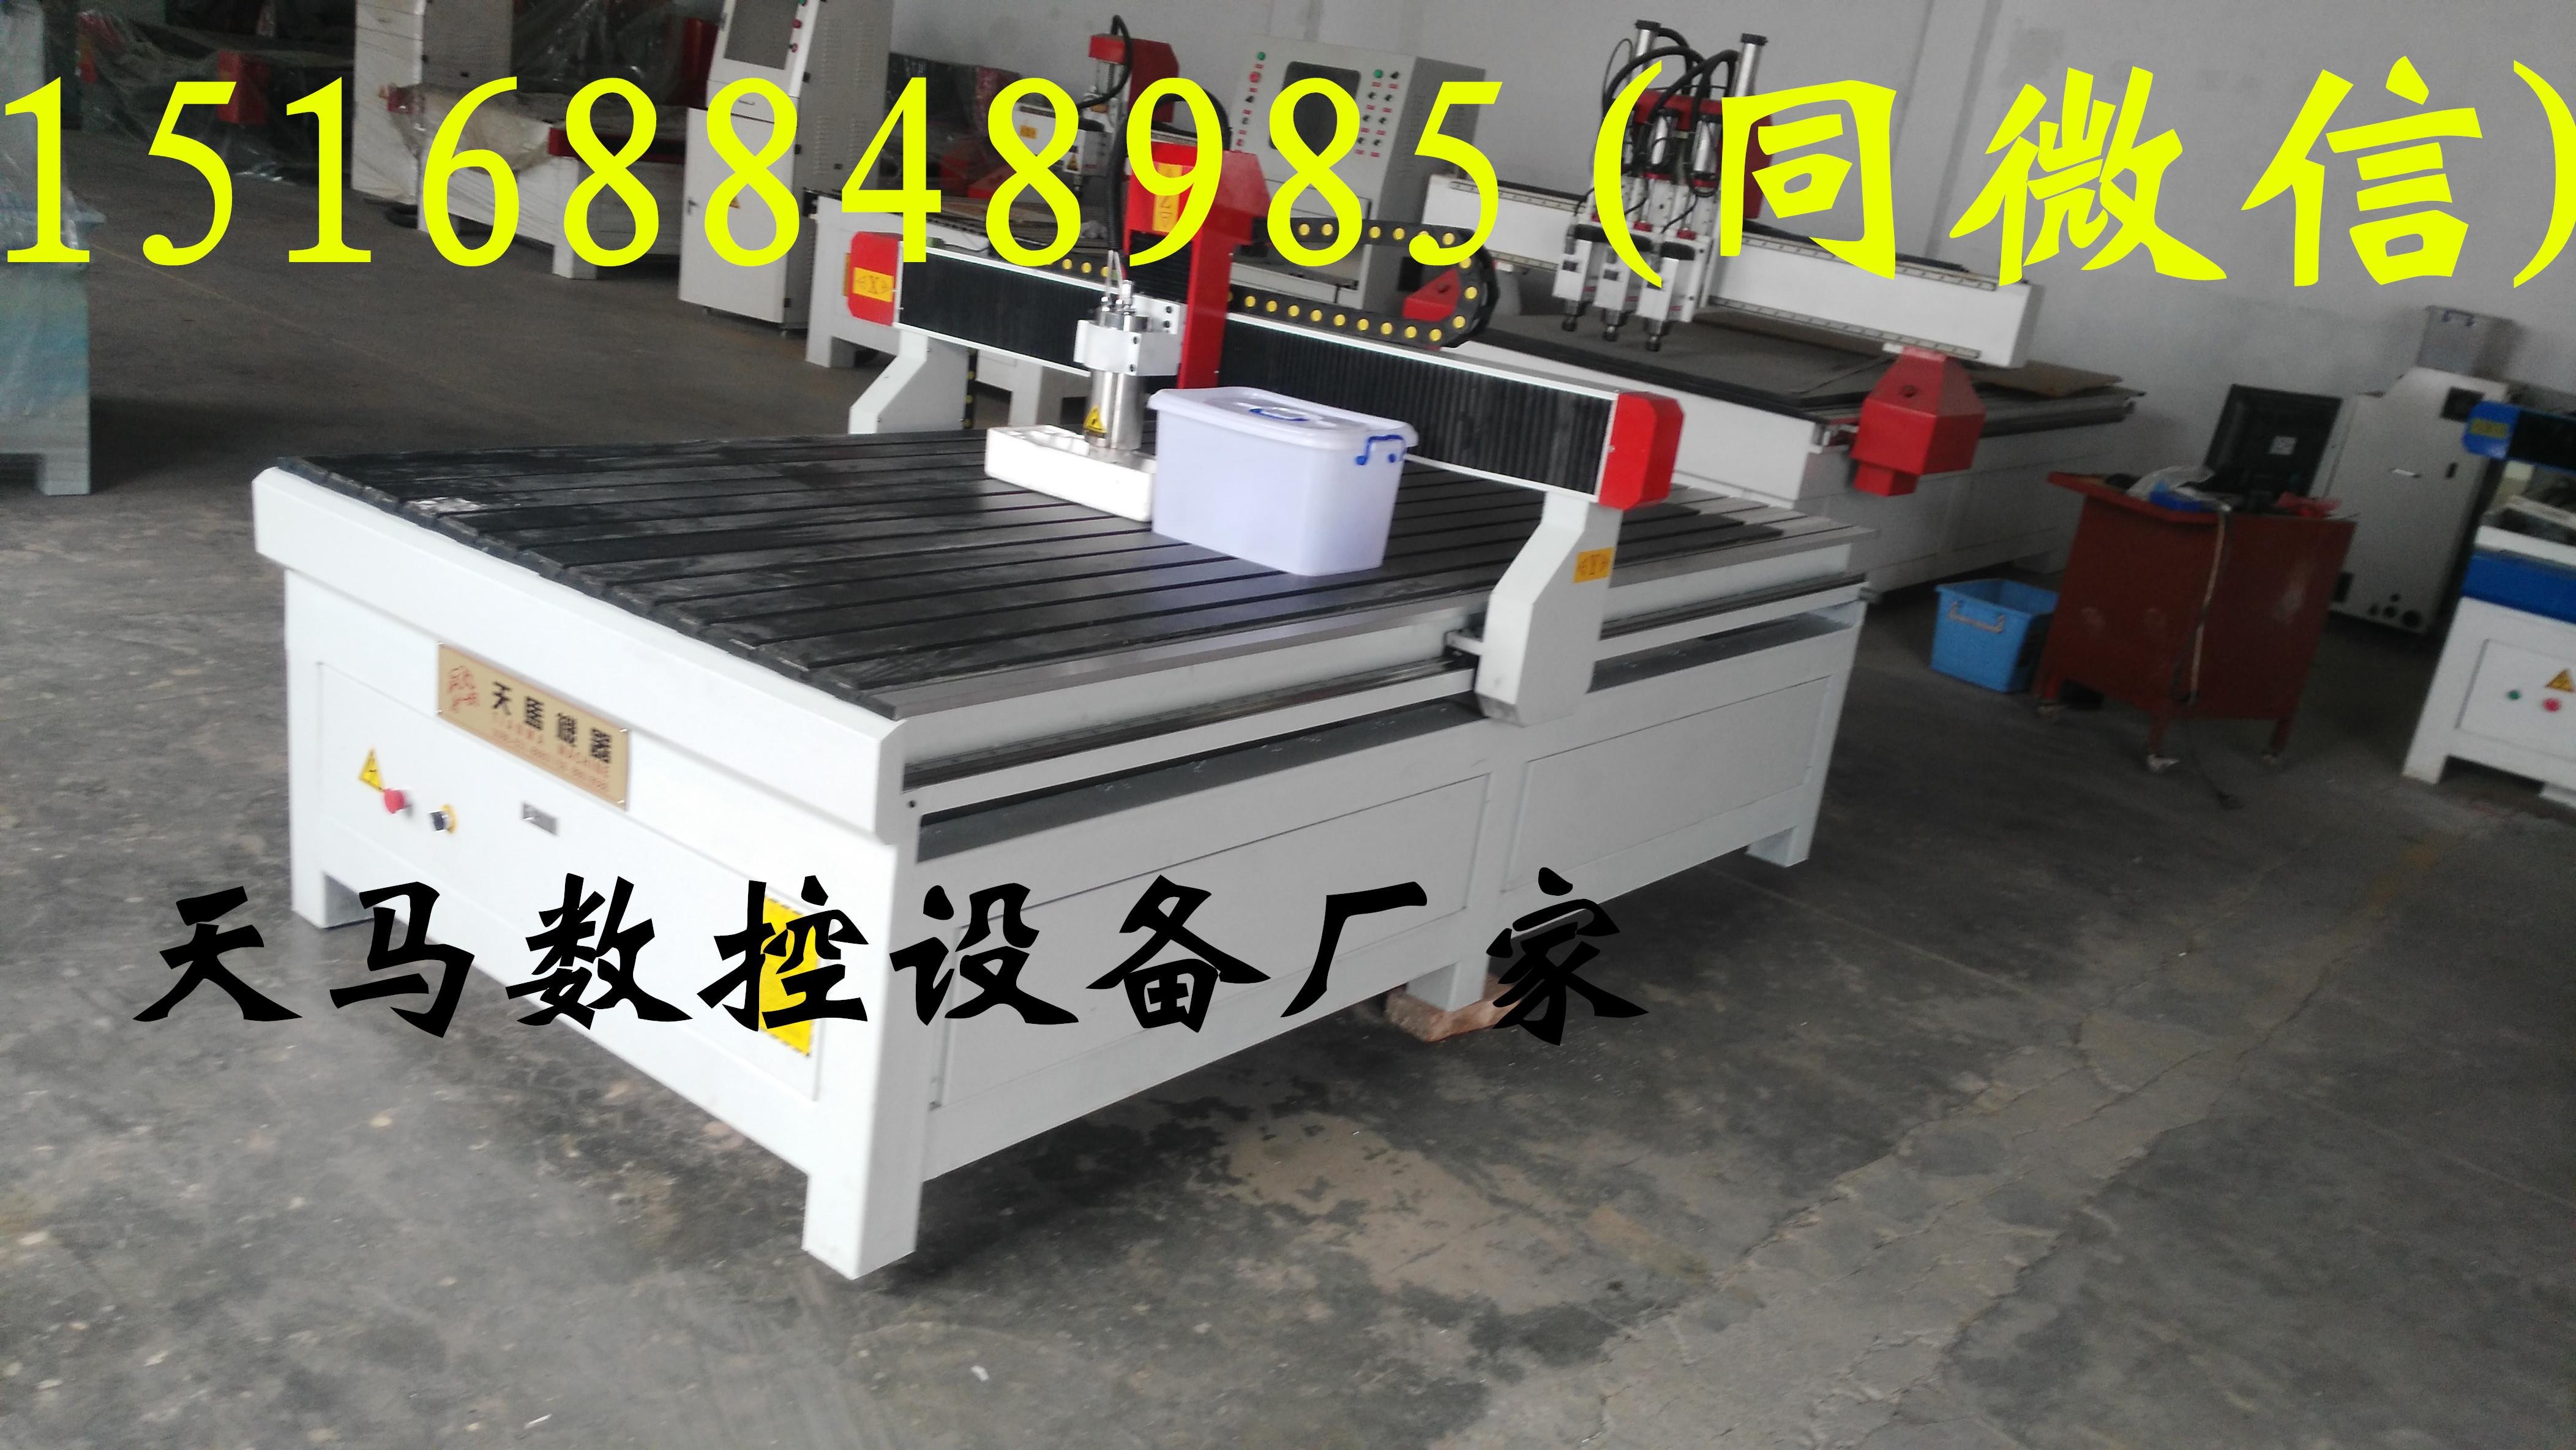 浮雕木工雕刻机 数控机械木工雕刻机【图】价格